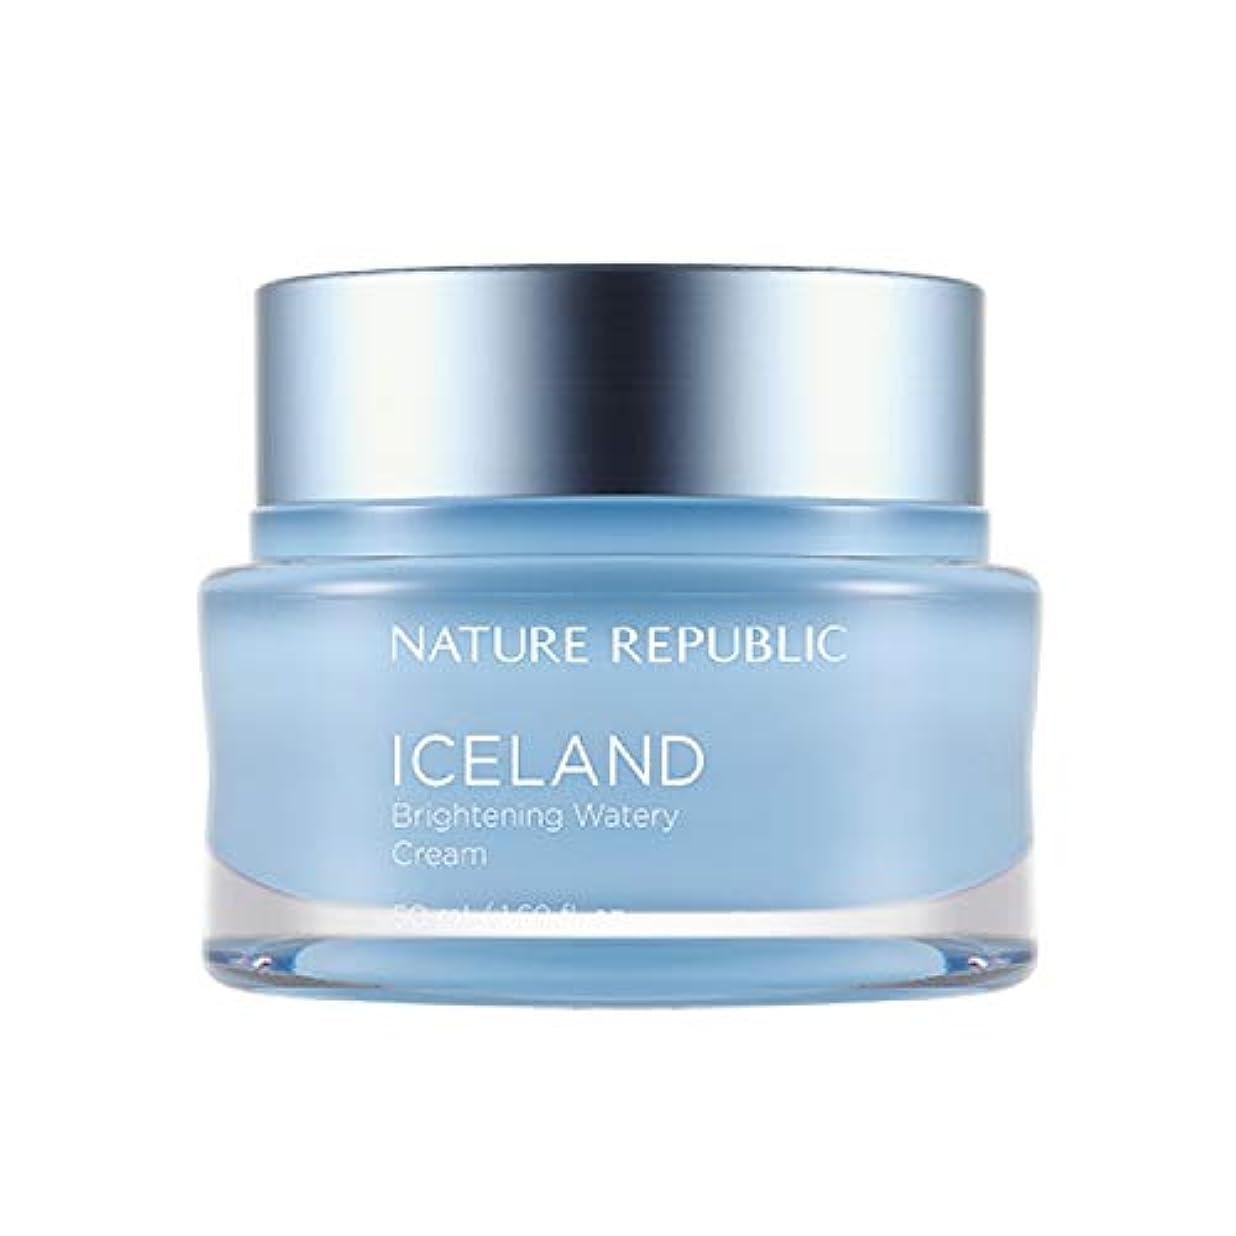 殉教者魅惑する不愉快ネイチャーリパブリック(Nature Republic)アイスブライトニング水分クリーム 50ml / Iceland Brightening Watery Cream 50ml :: 韓国コスメ [並行輸入品]